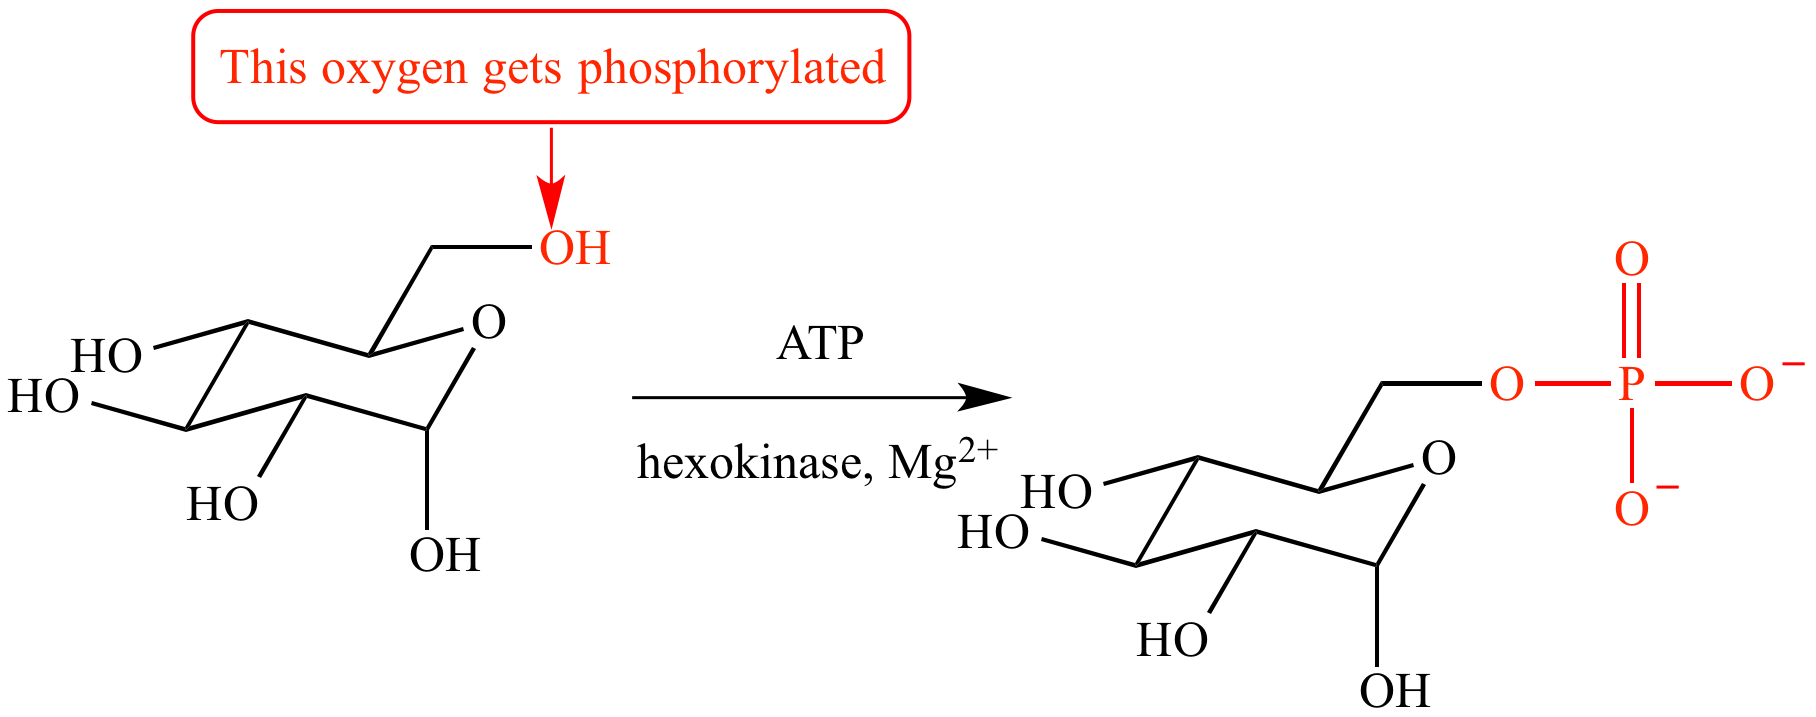 A phospholipid